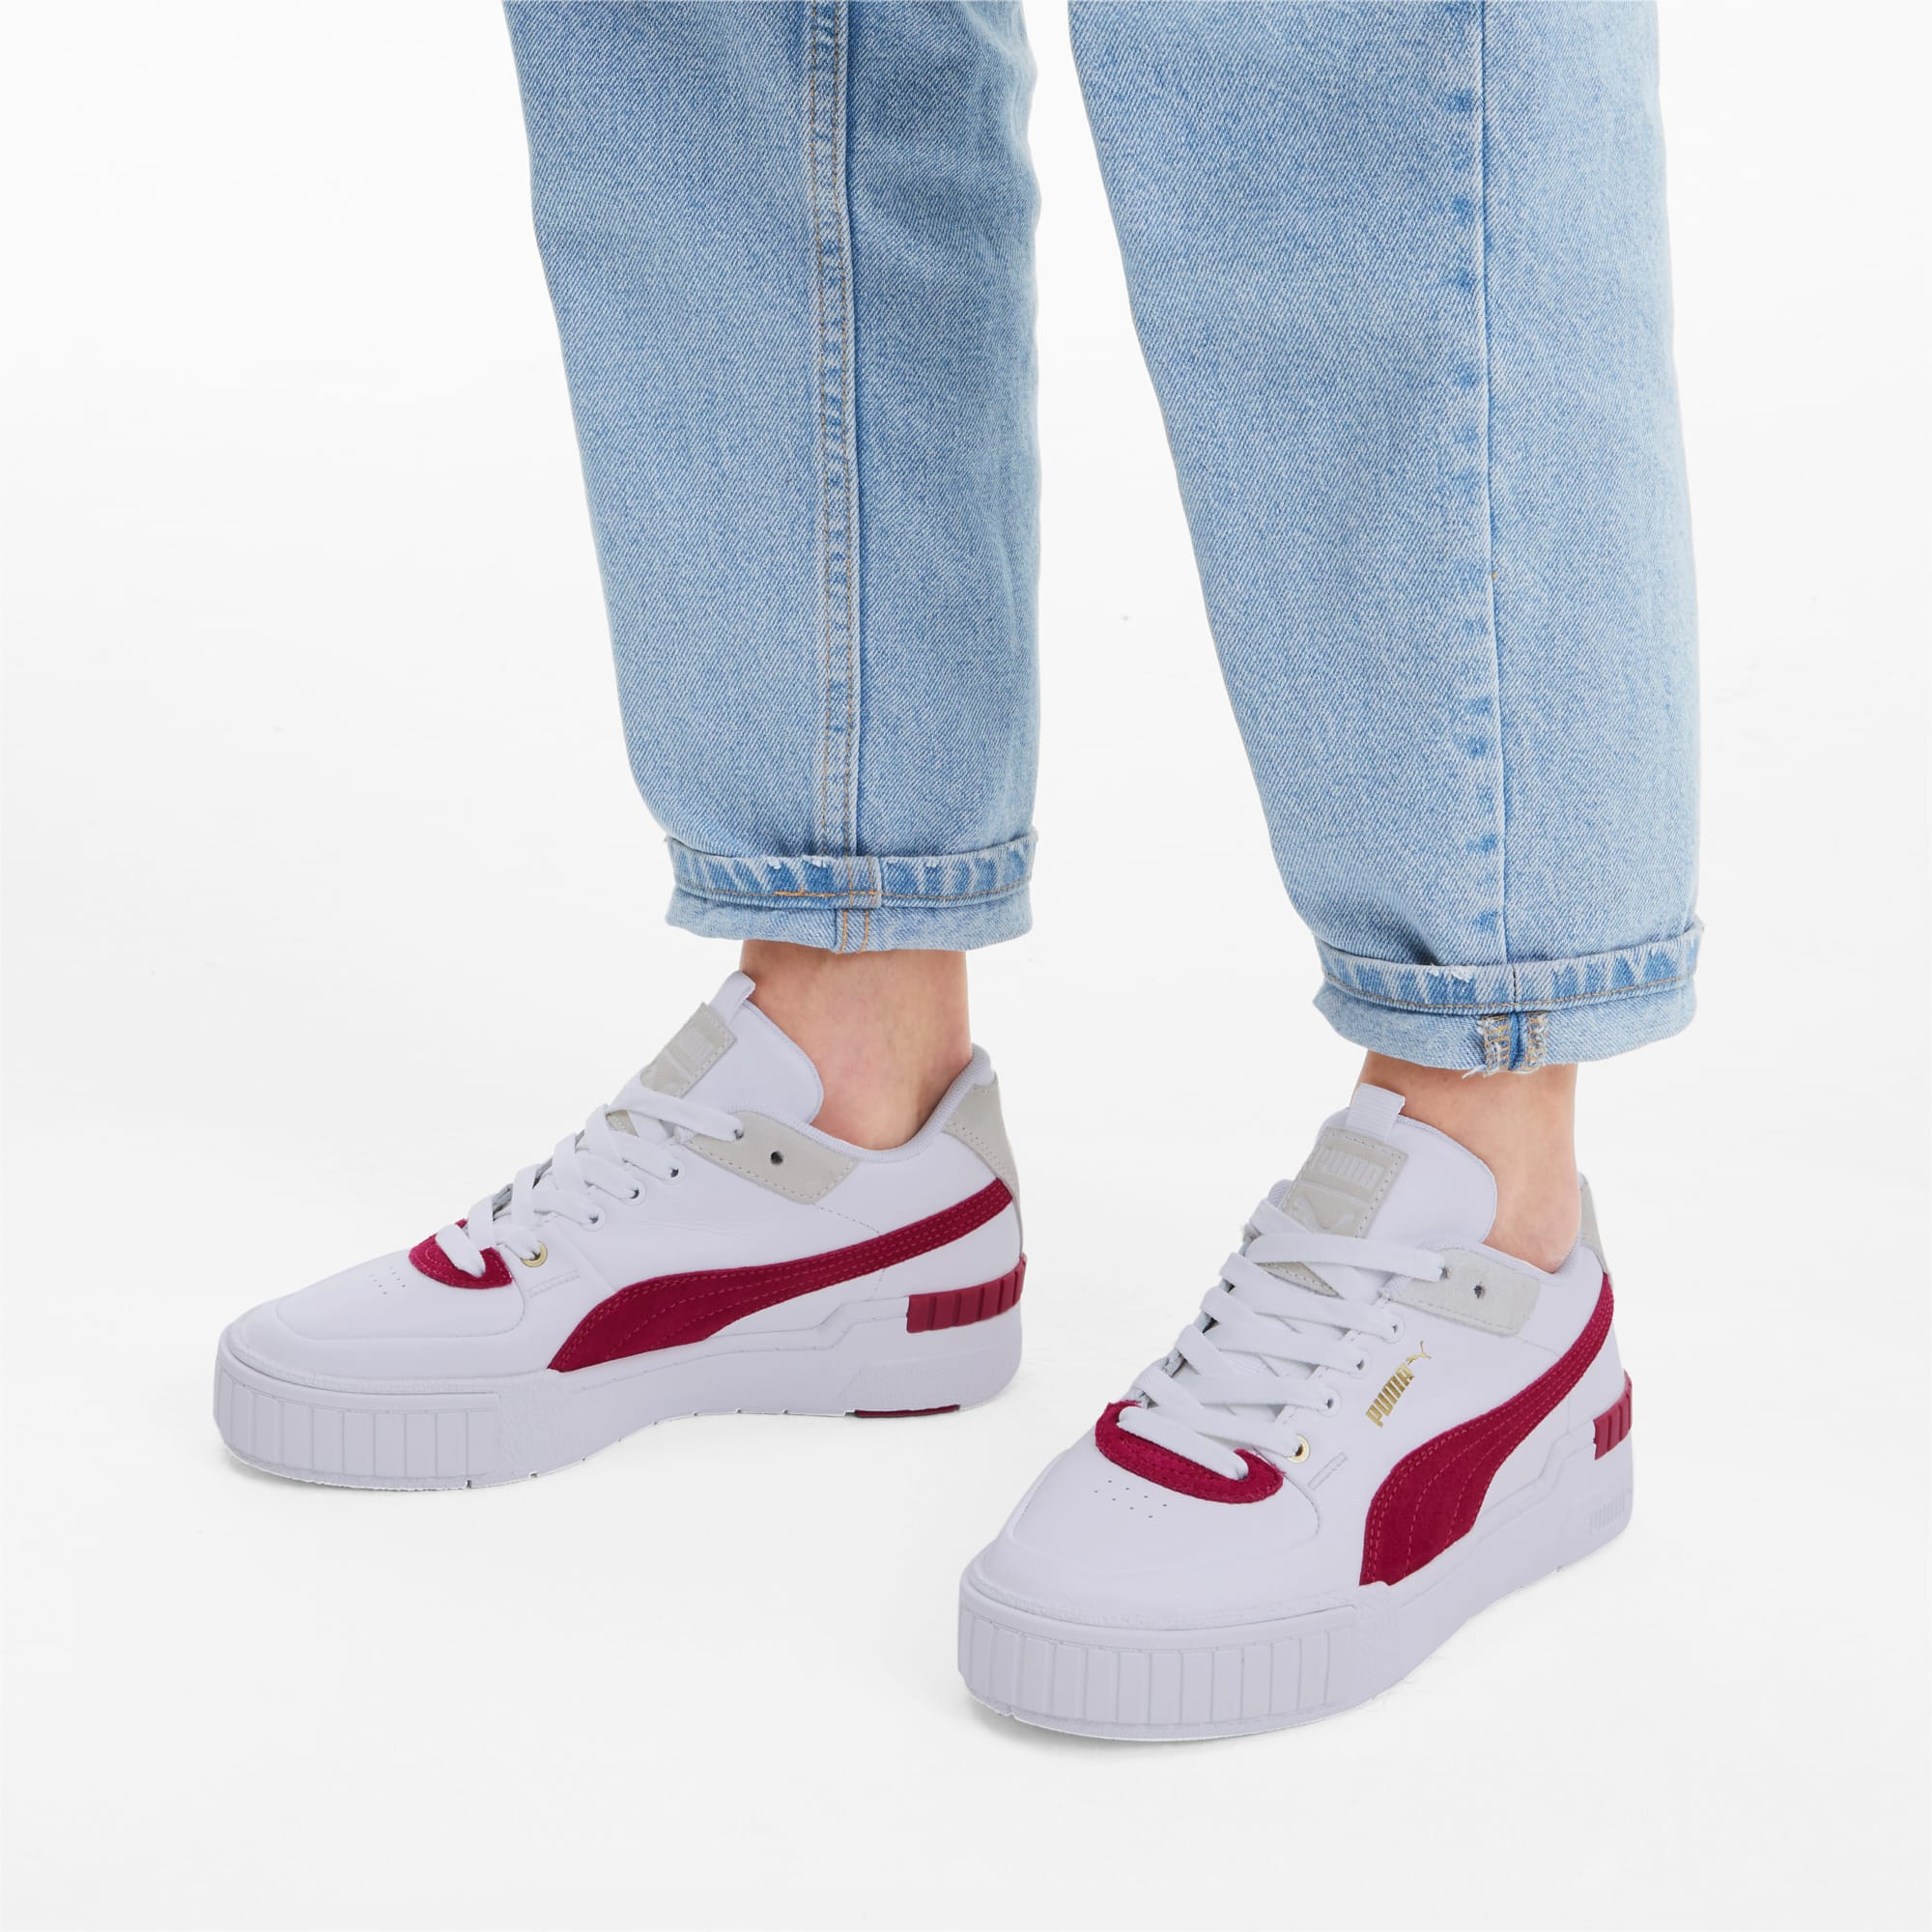 Zapatos deportivos Cali Sport Heritage para mujer